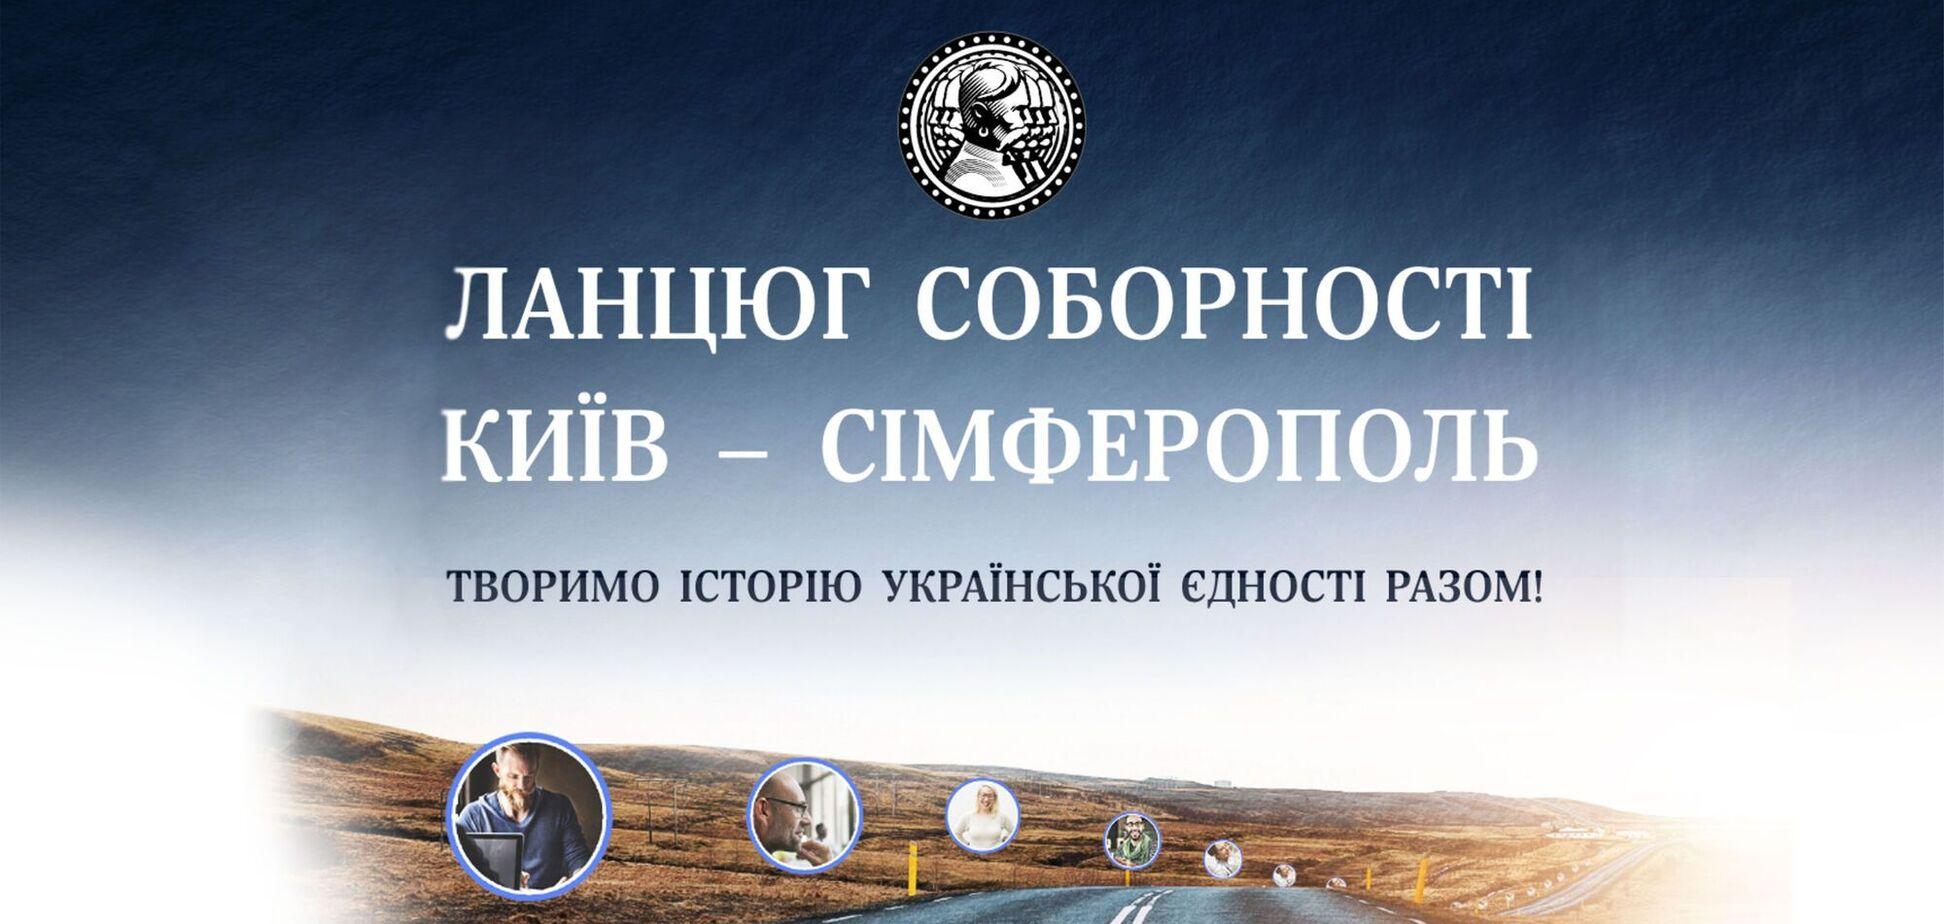 Первая в истории 'Цепь Соборности' онлайн: творим историю Украины вместе